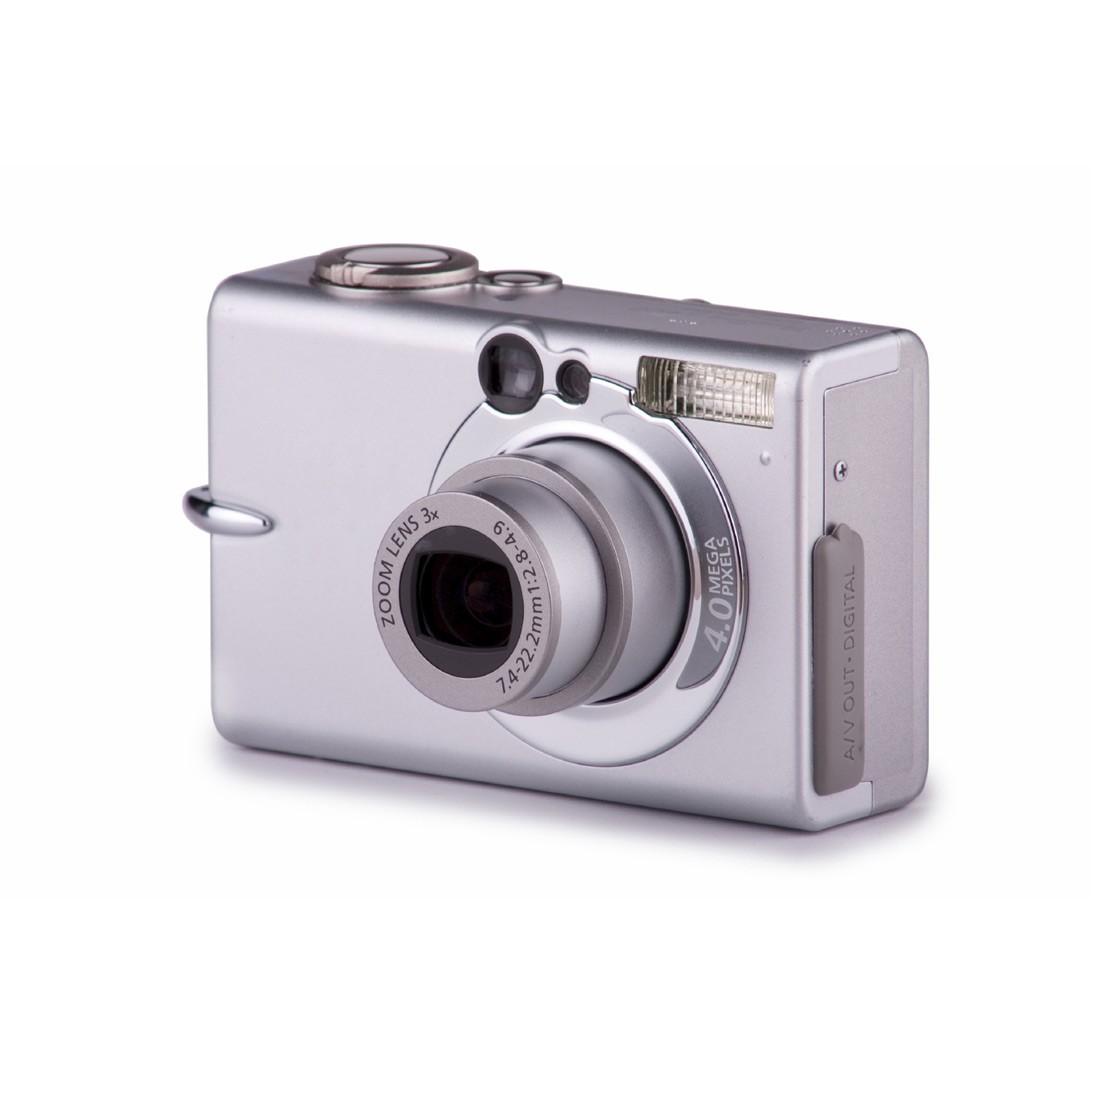 Argus QC-2185 Quick Click 5MP Digital Camera